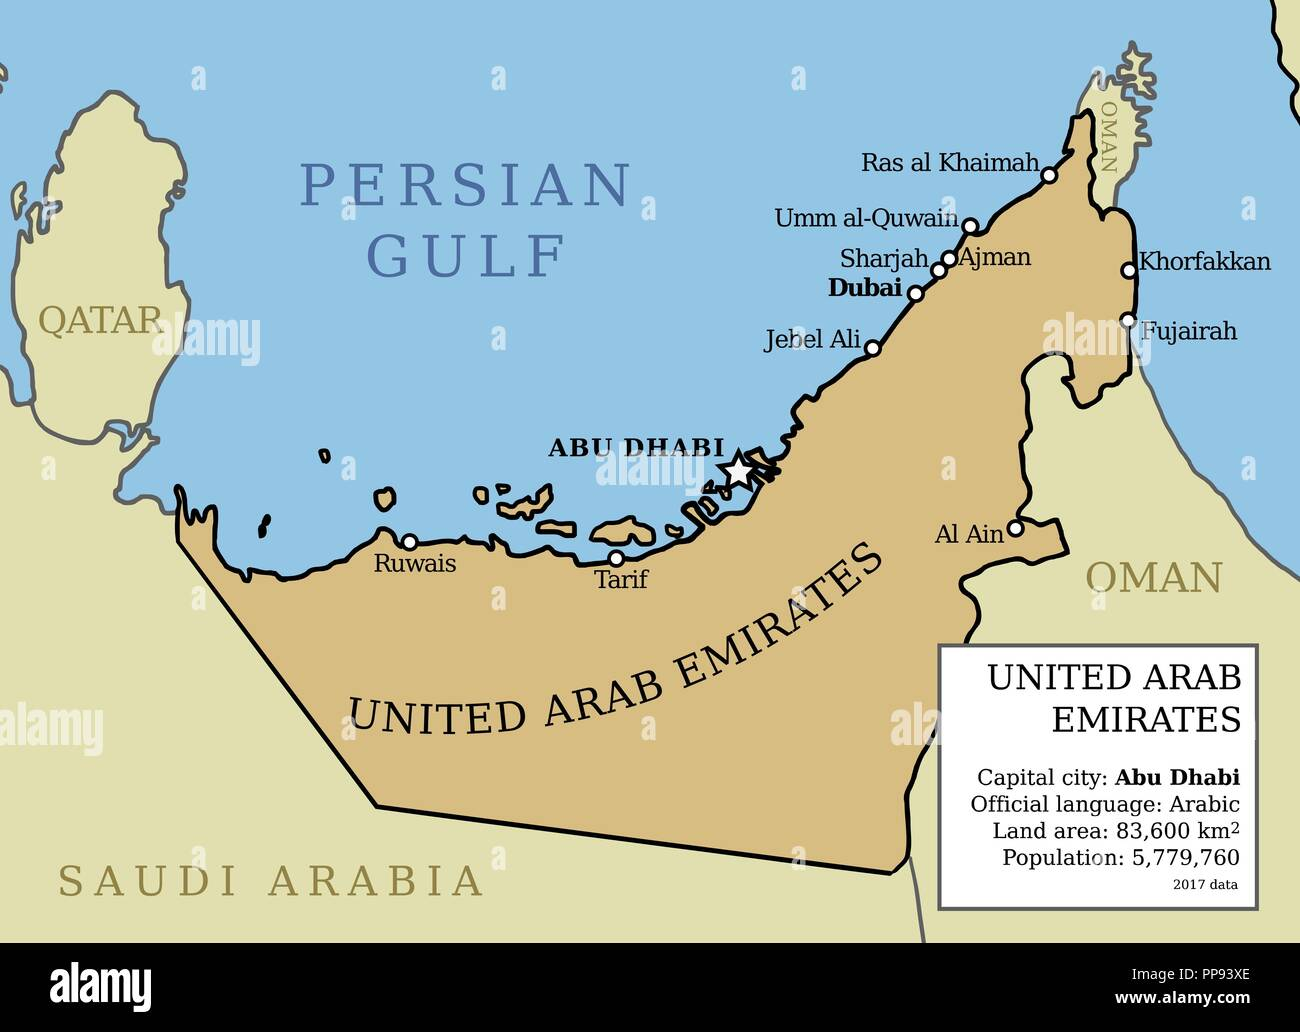 Vereinigte Arabische Emirate Vae Karte Uberblick Abbildung